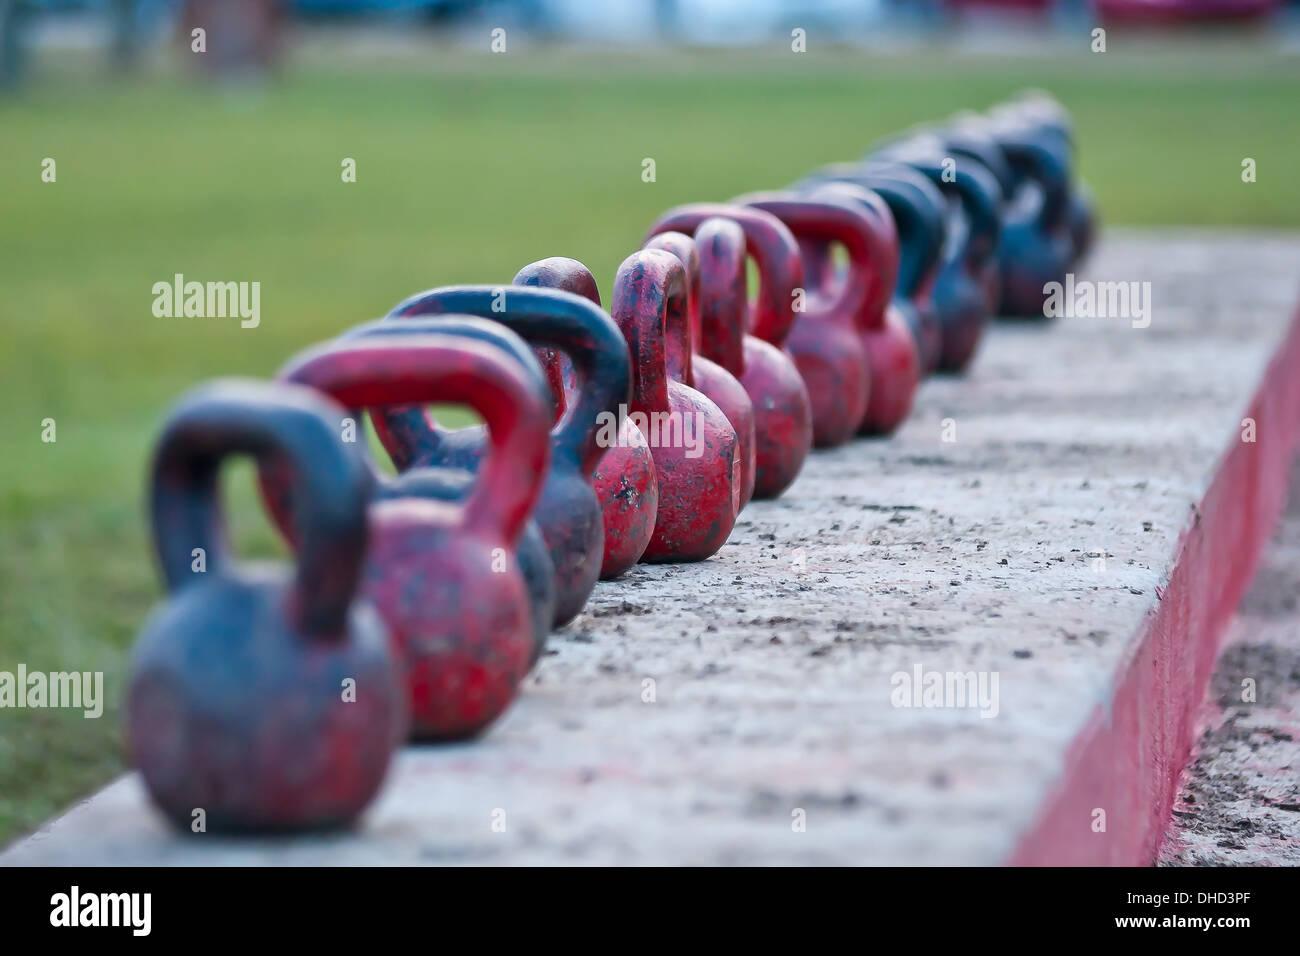 Pour la formation de poids kettlebell Photo Stock